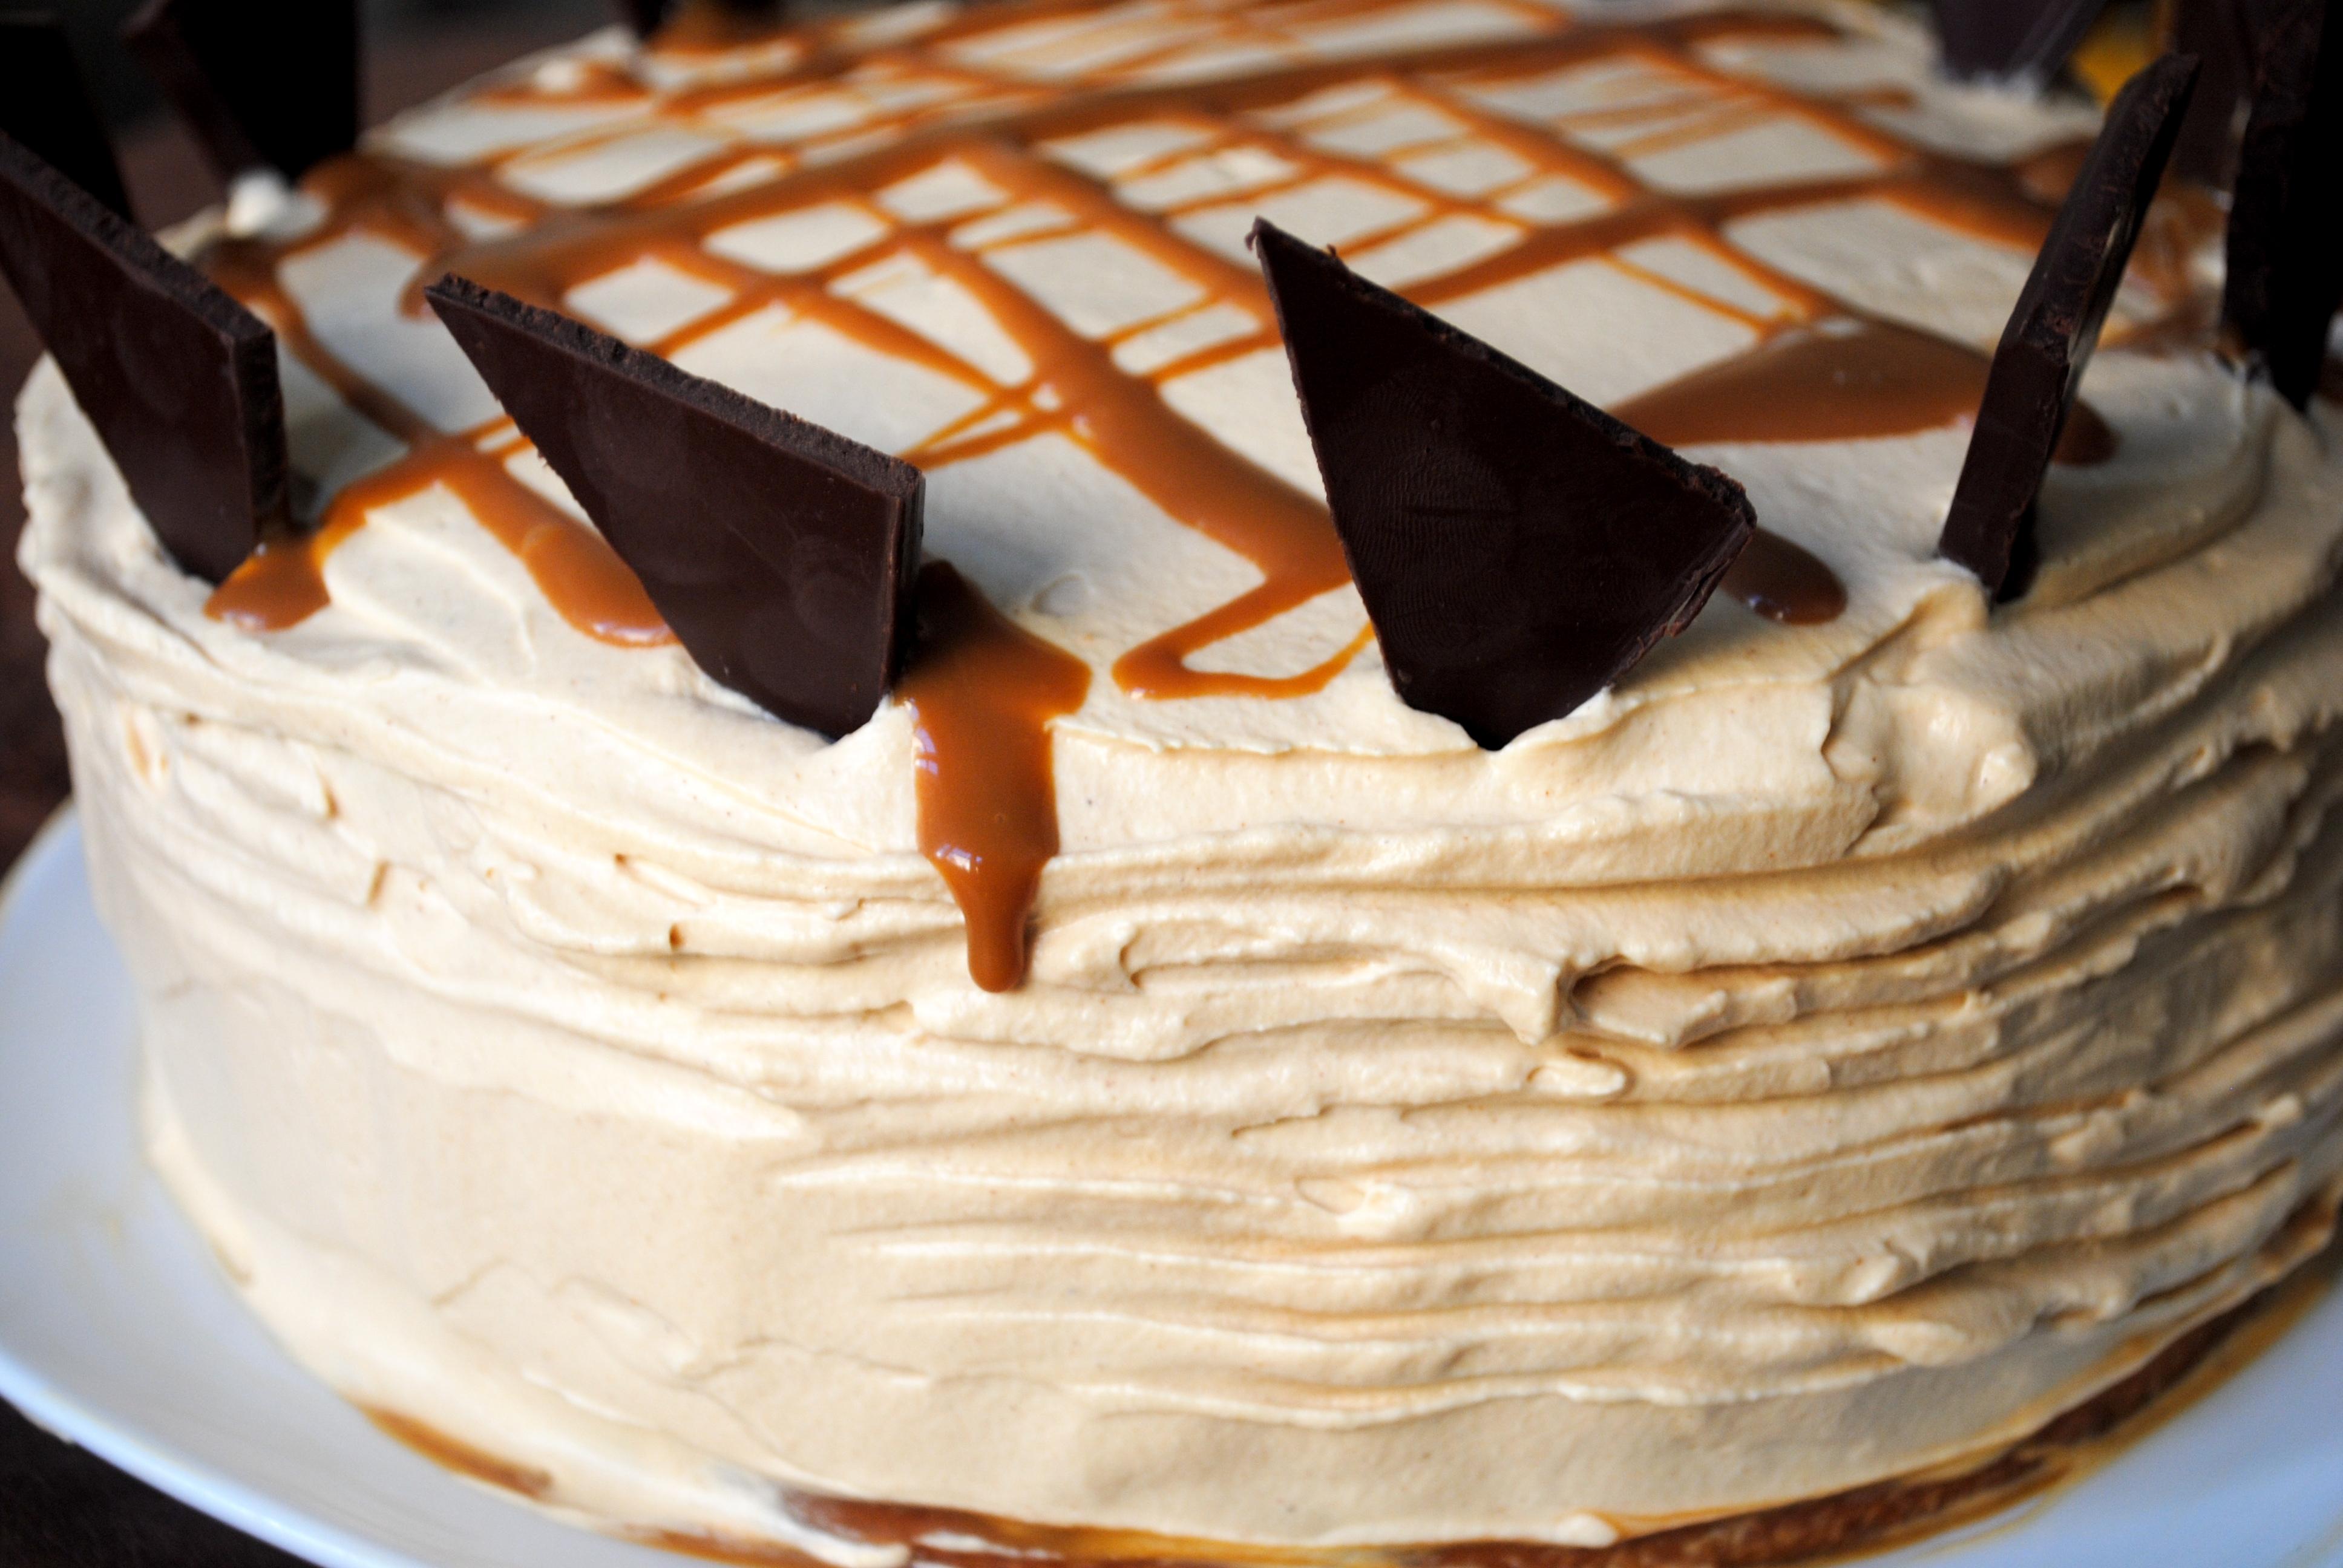 ... cake dulce de leche tres leches dulce de leche seeps in dulce de leche